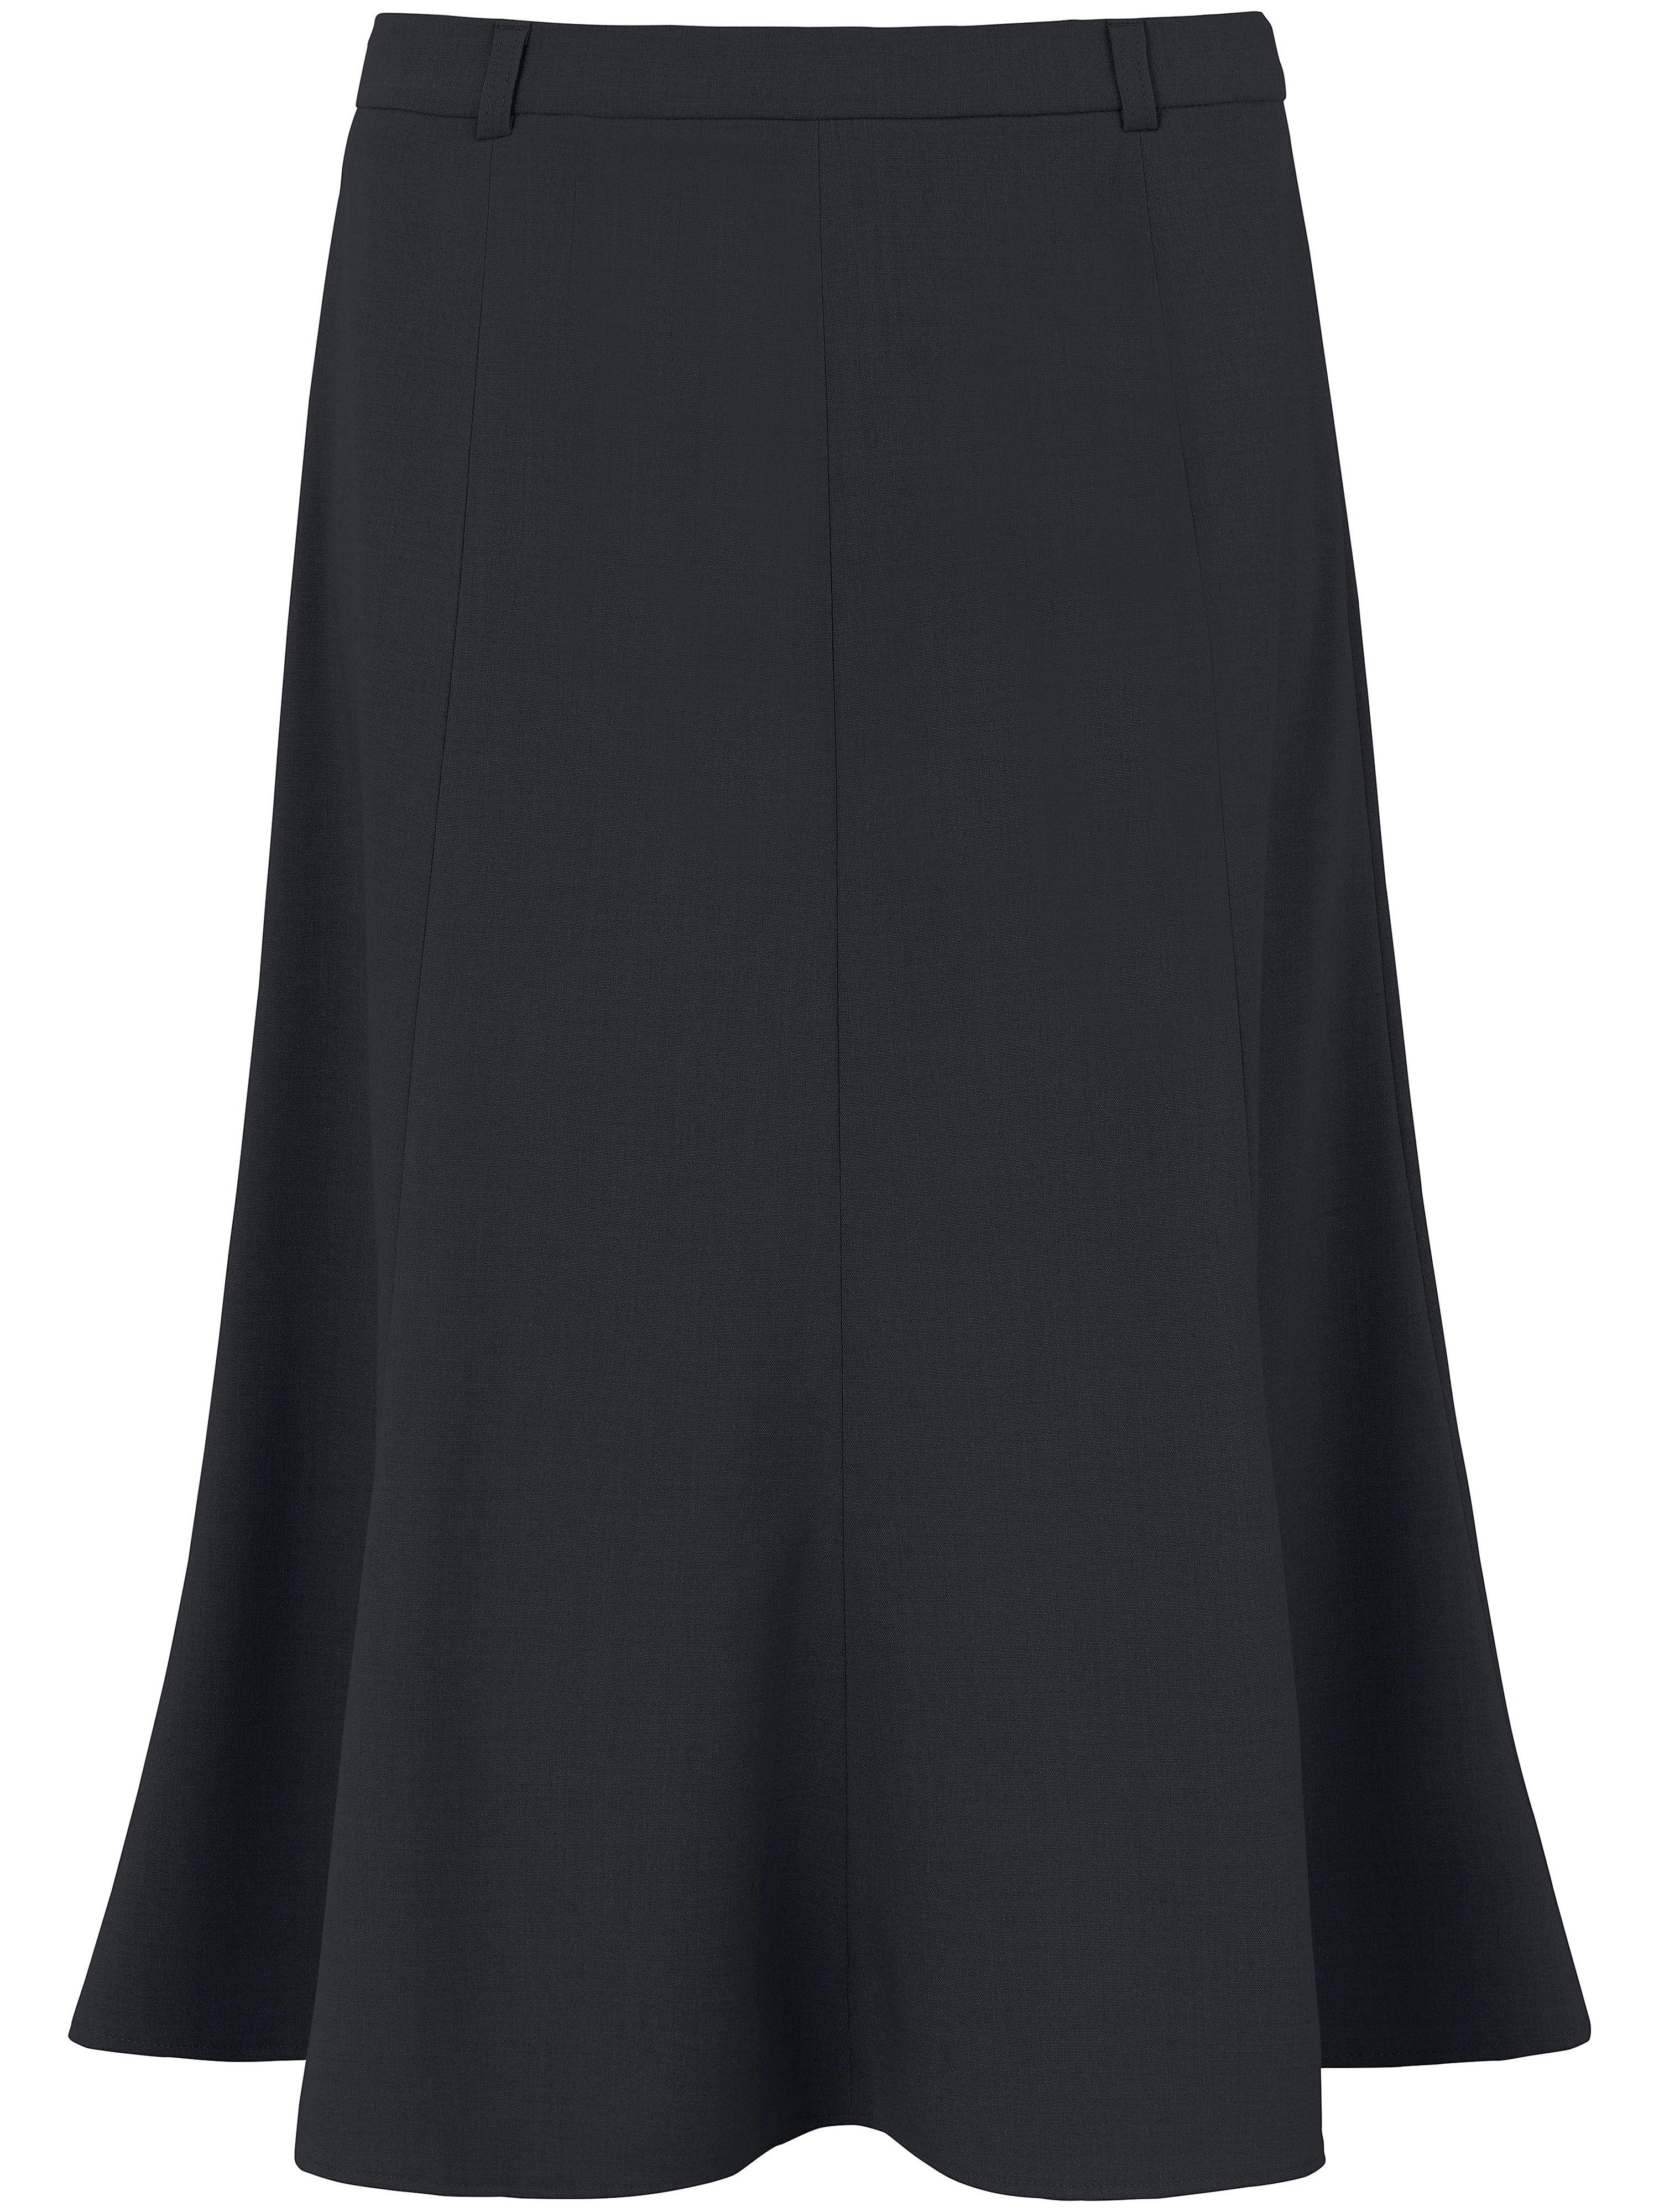 La jupe  Peter Hahn gris taille 19